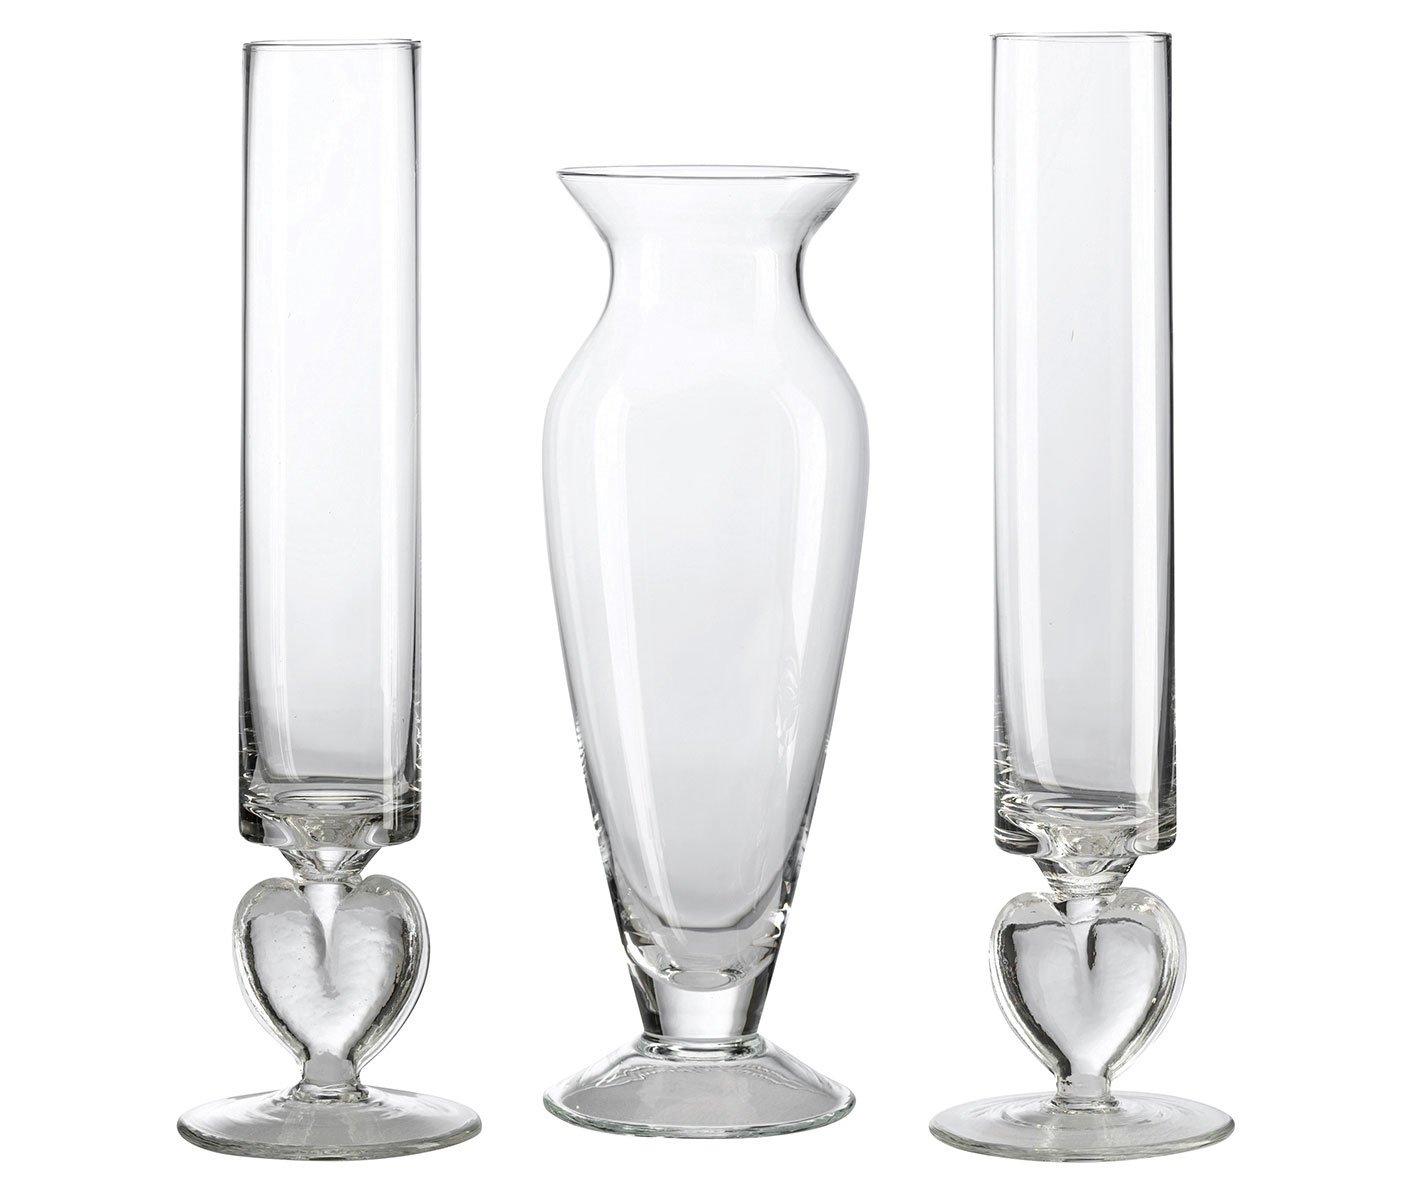 Forum on this topic: Wedding Vase Unity Ceremony, wedding-vase-unity-ceremony/